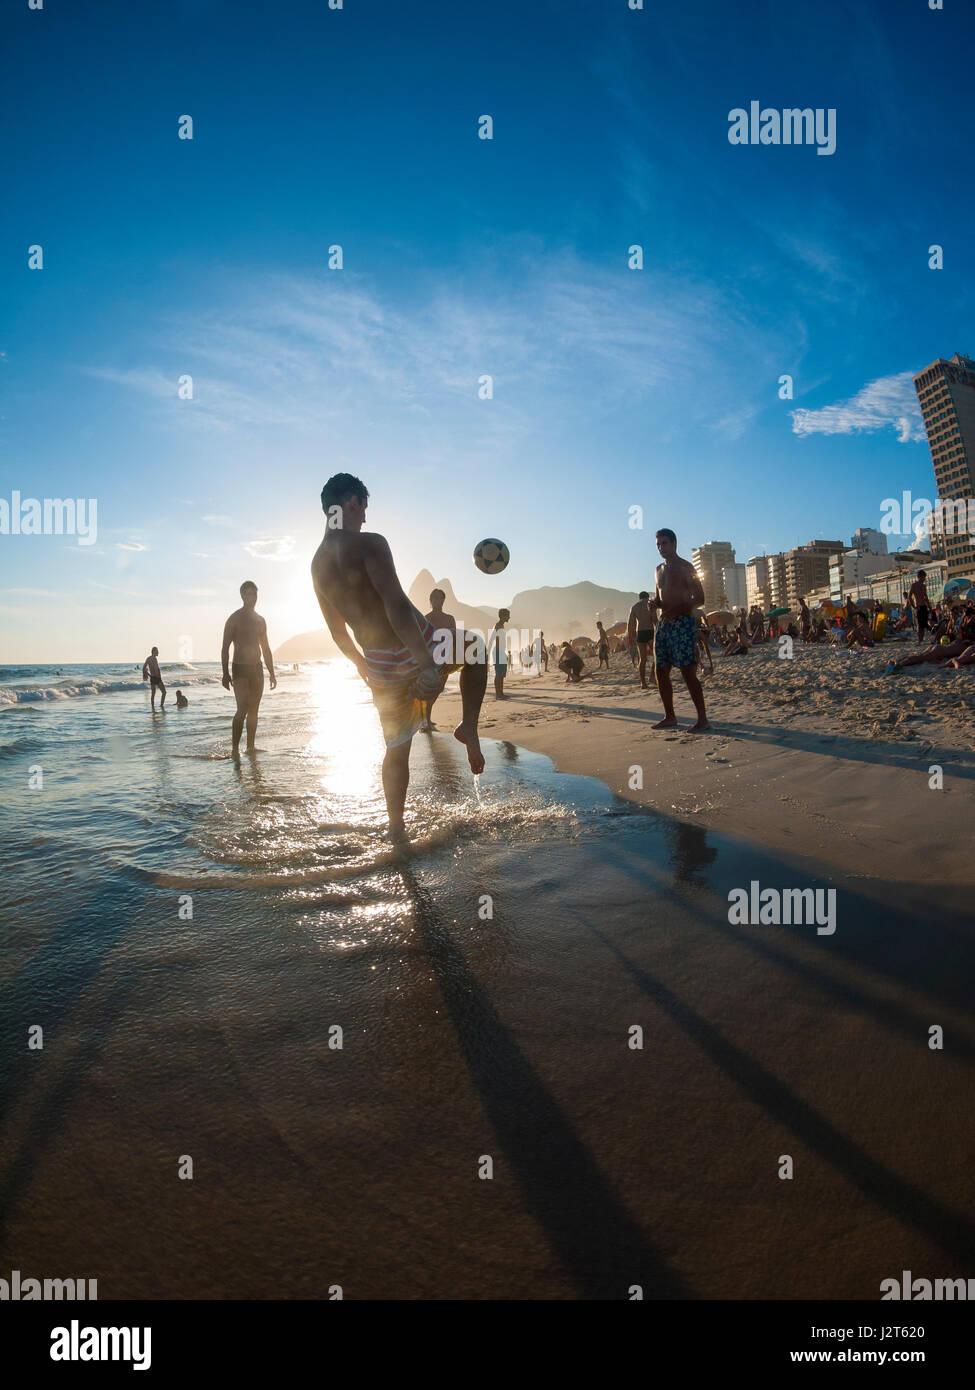 RIO DE JANEIRO - 2 febbraio 2013: i giovani brasiliani giocare altinho calcio sulla spiaggia in un keepy uppy circle Immagini Stock